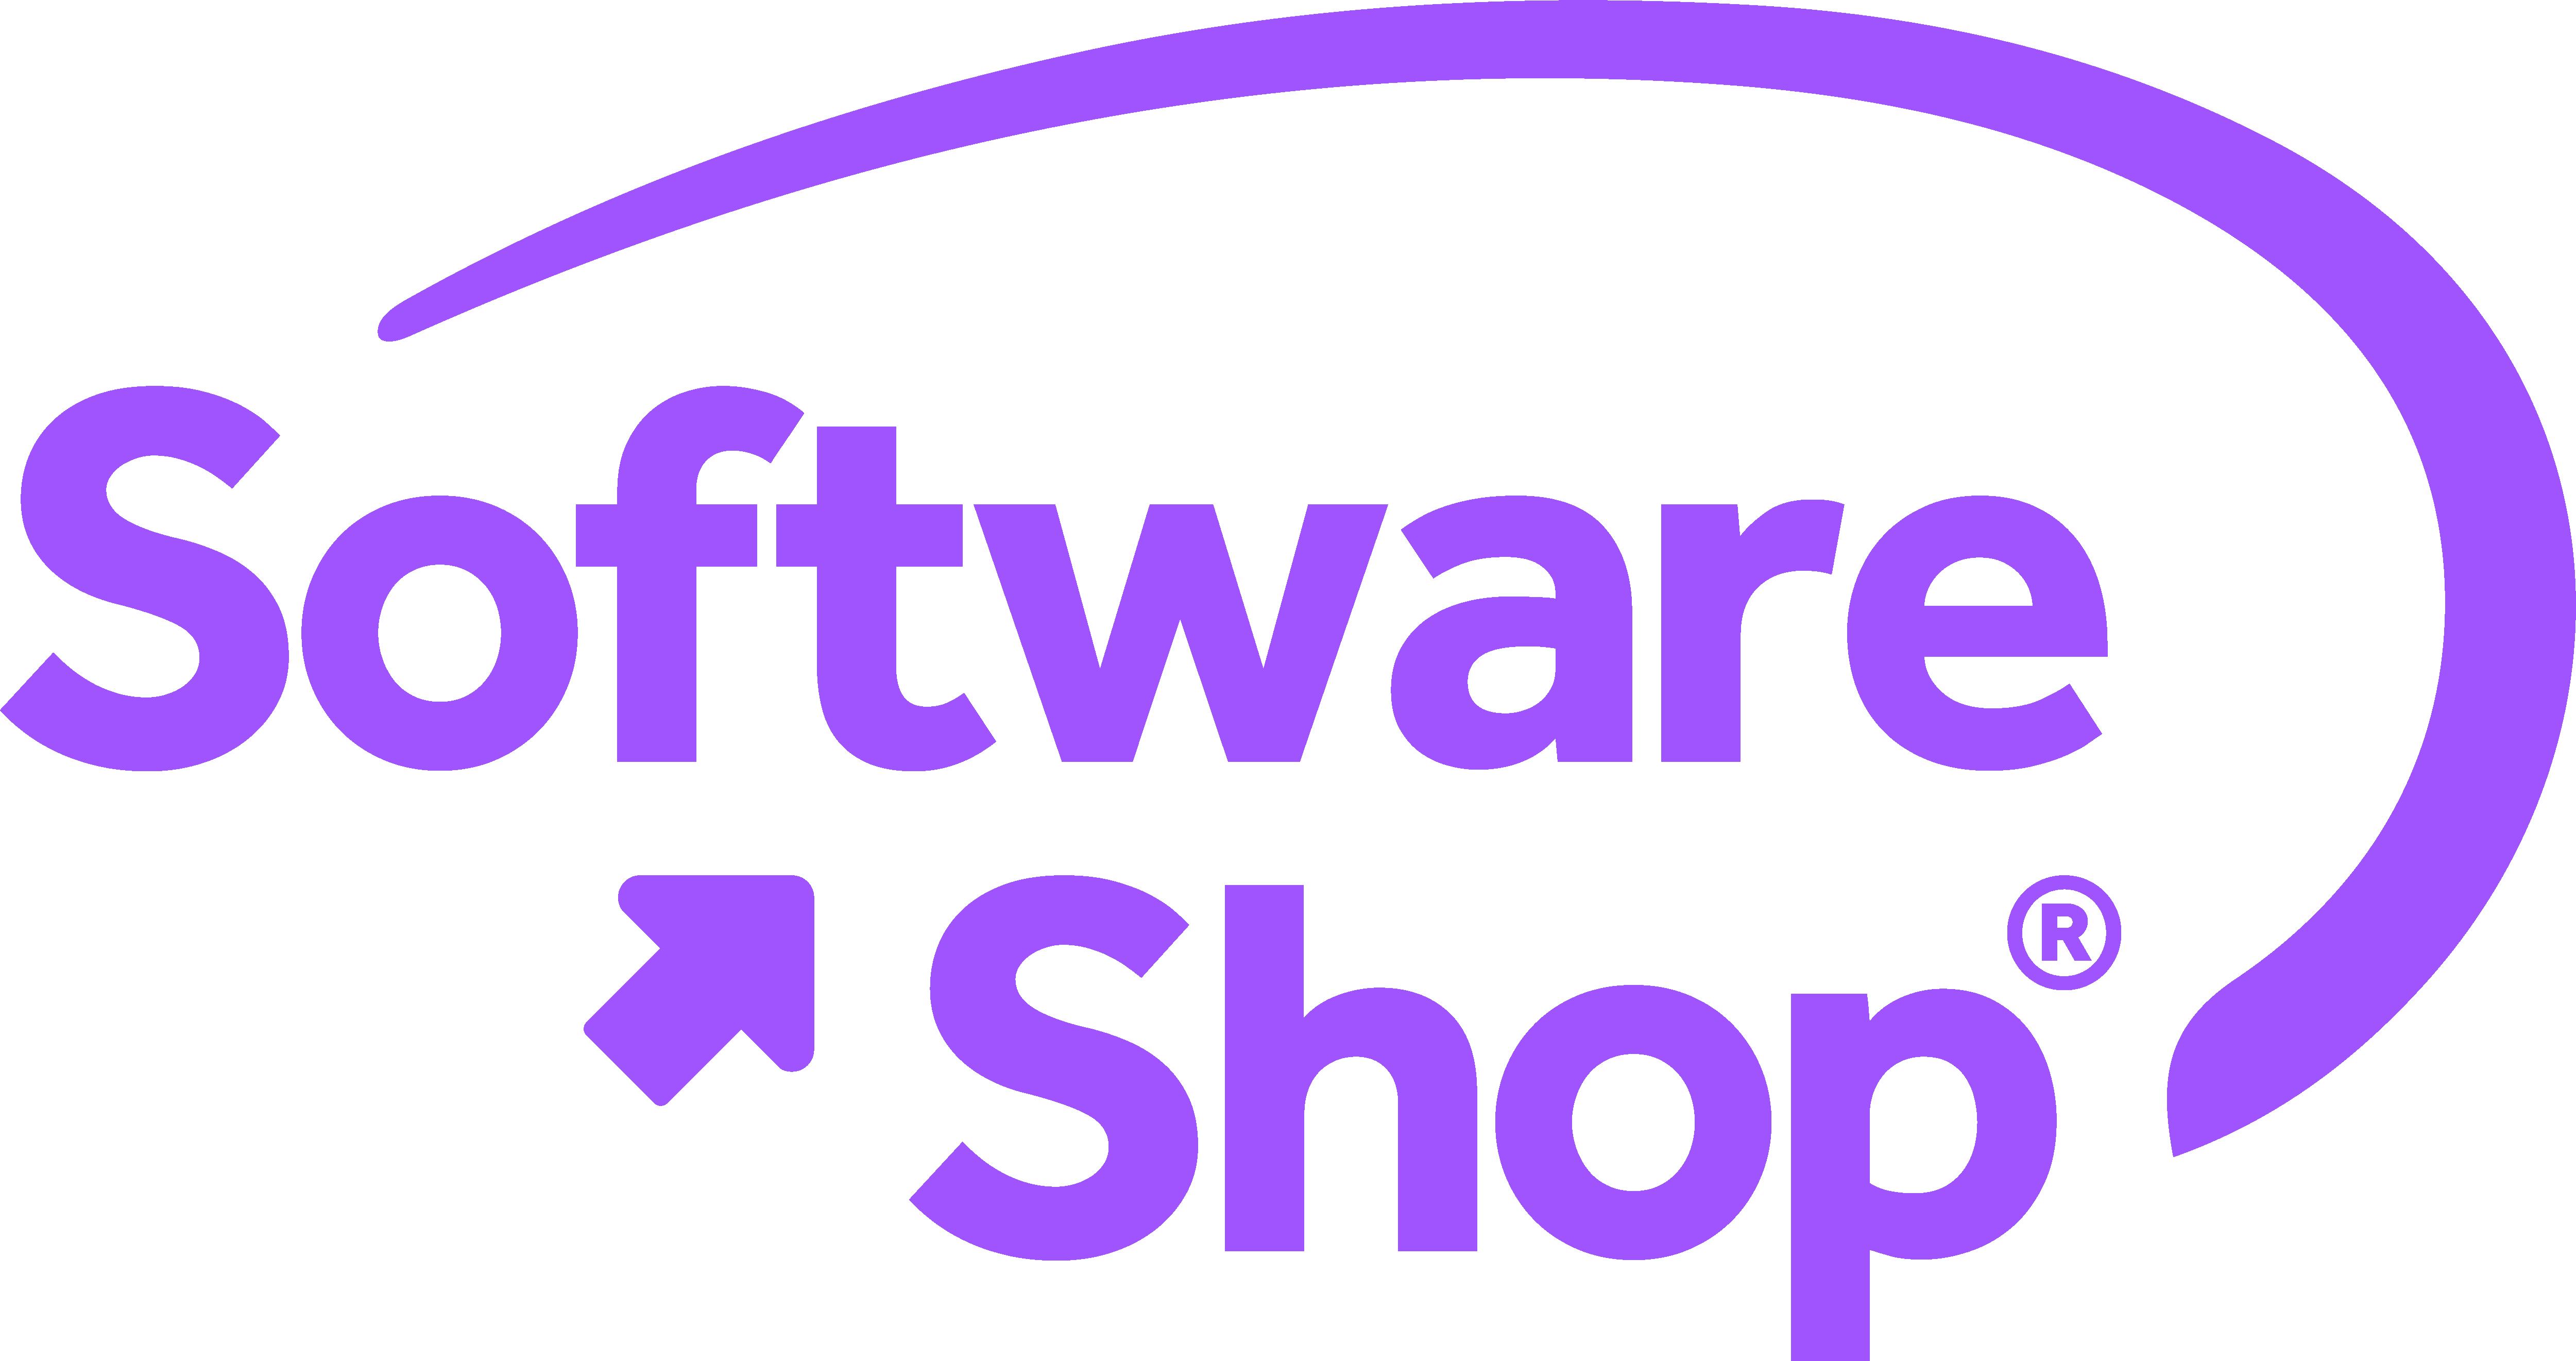 Software Shop - CO logo